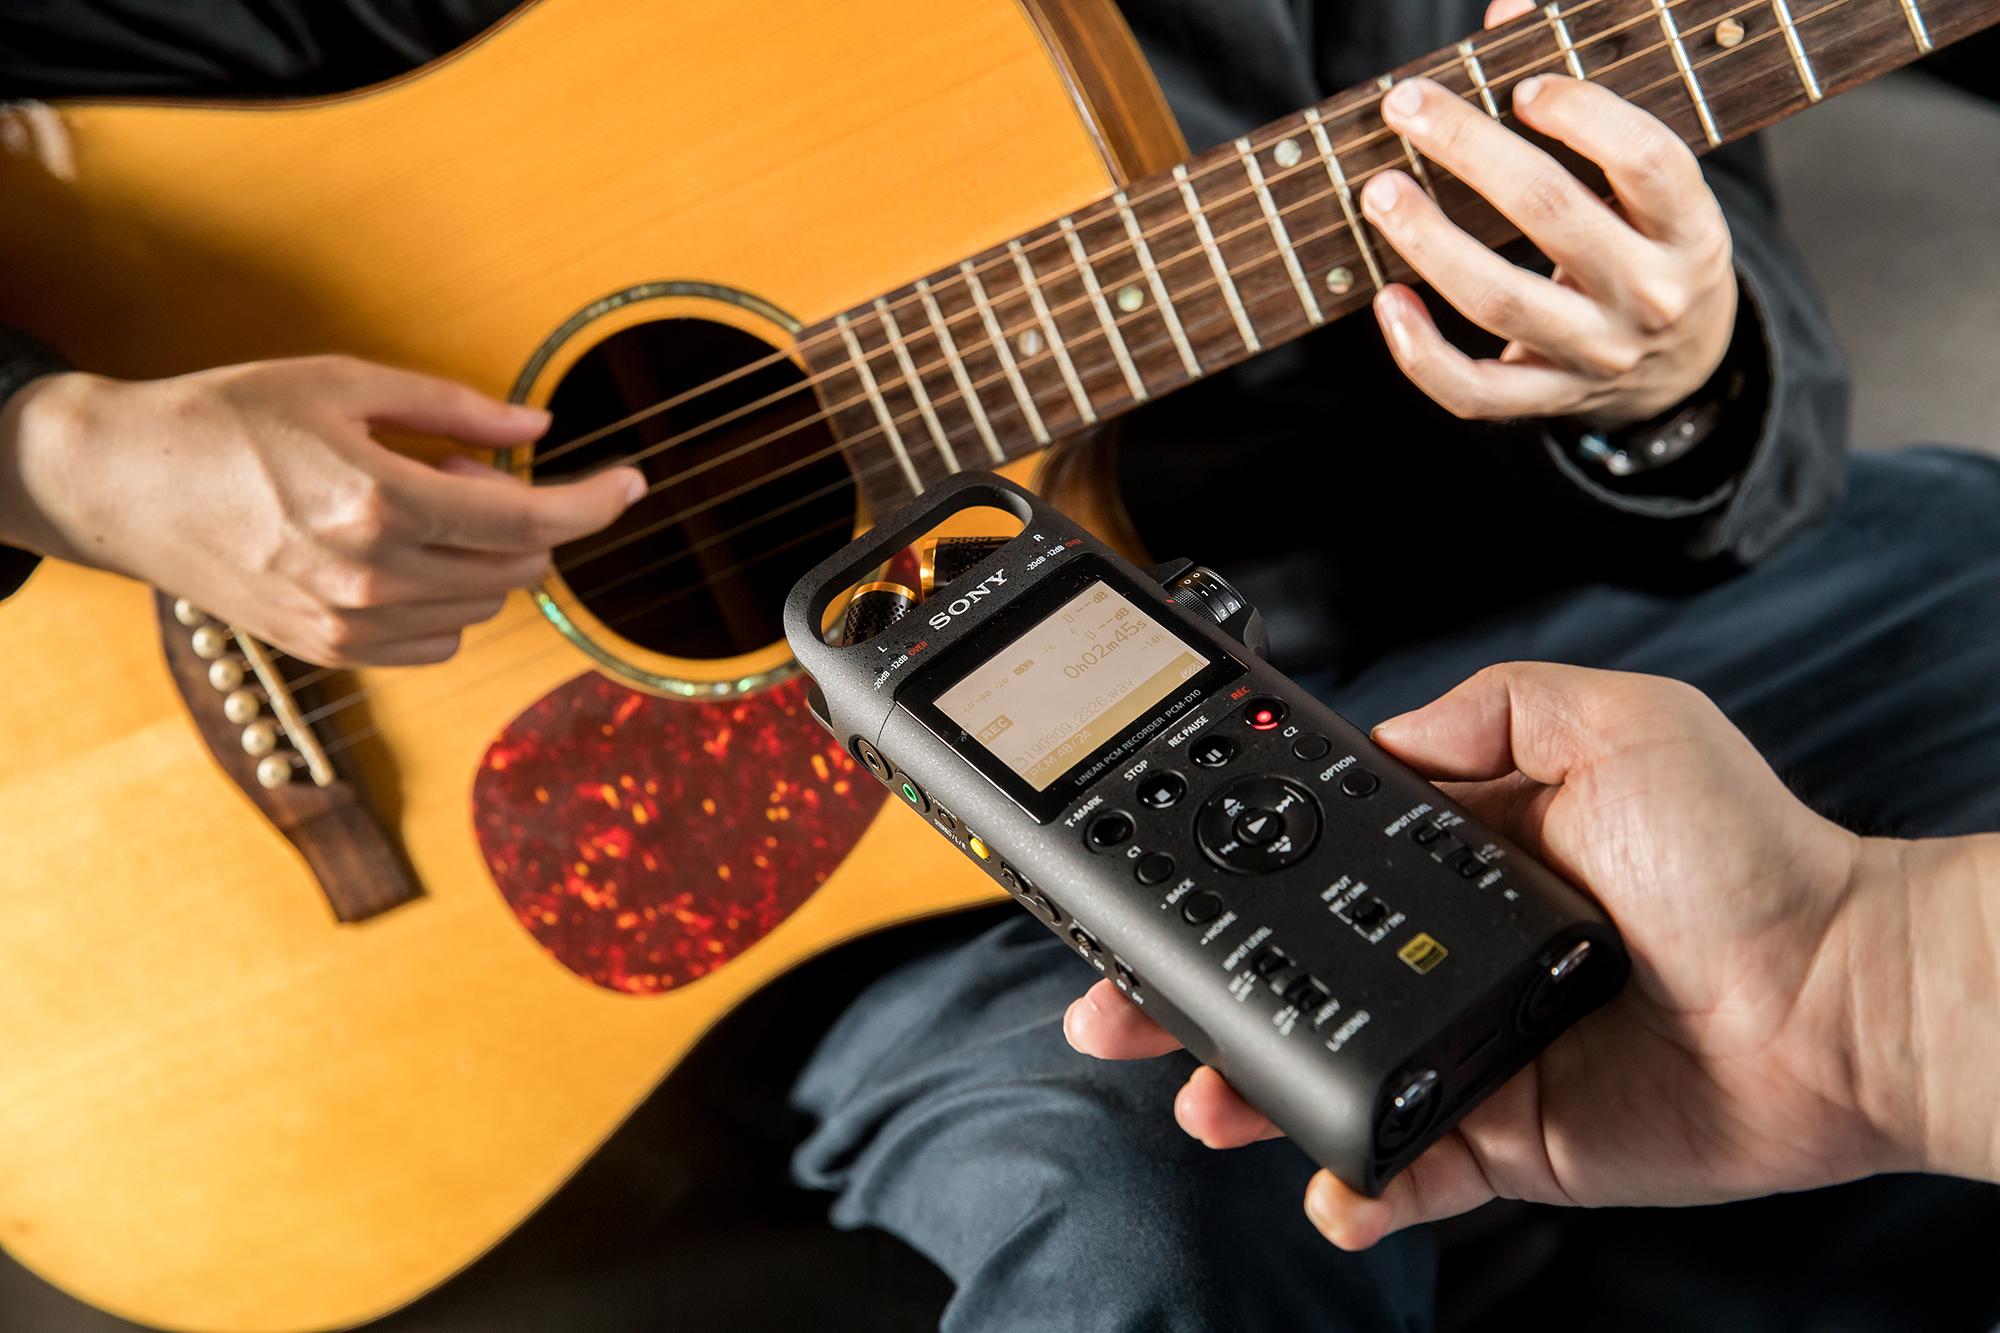 當近距離錄製吉他或貝斯時,就可以調整成 X �型立體音模式,將兩組麥克風朝內對準吉他音箱,就能錄到渾厚飽滿的音色。